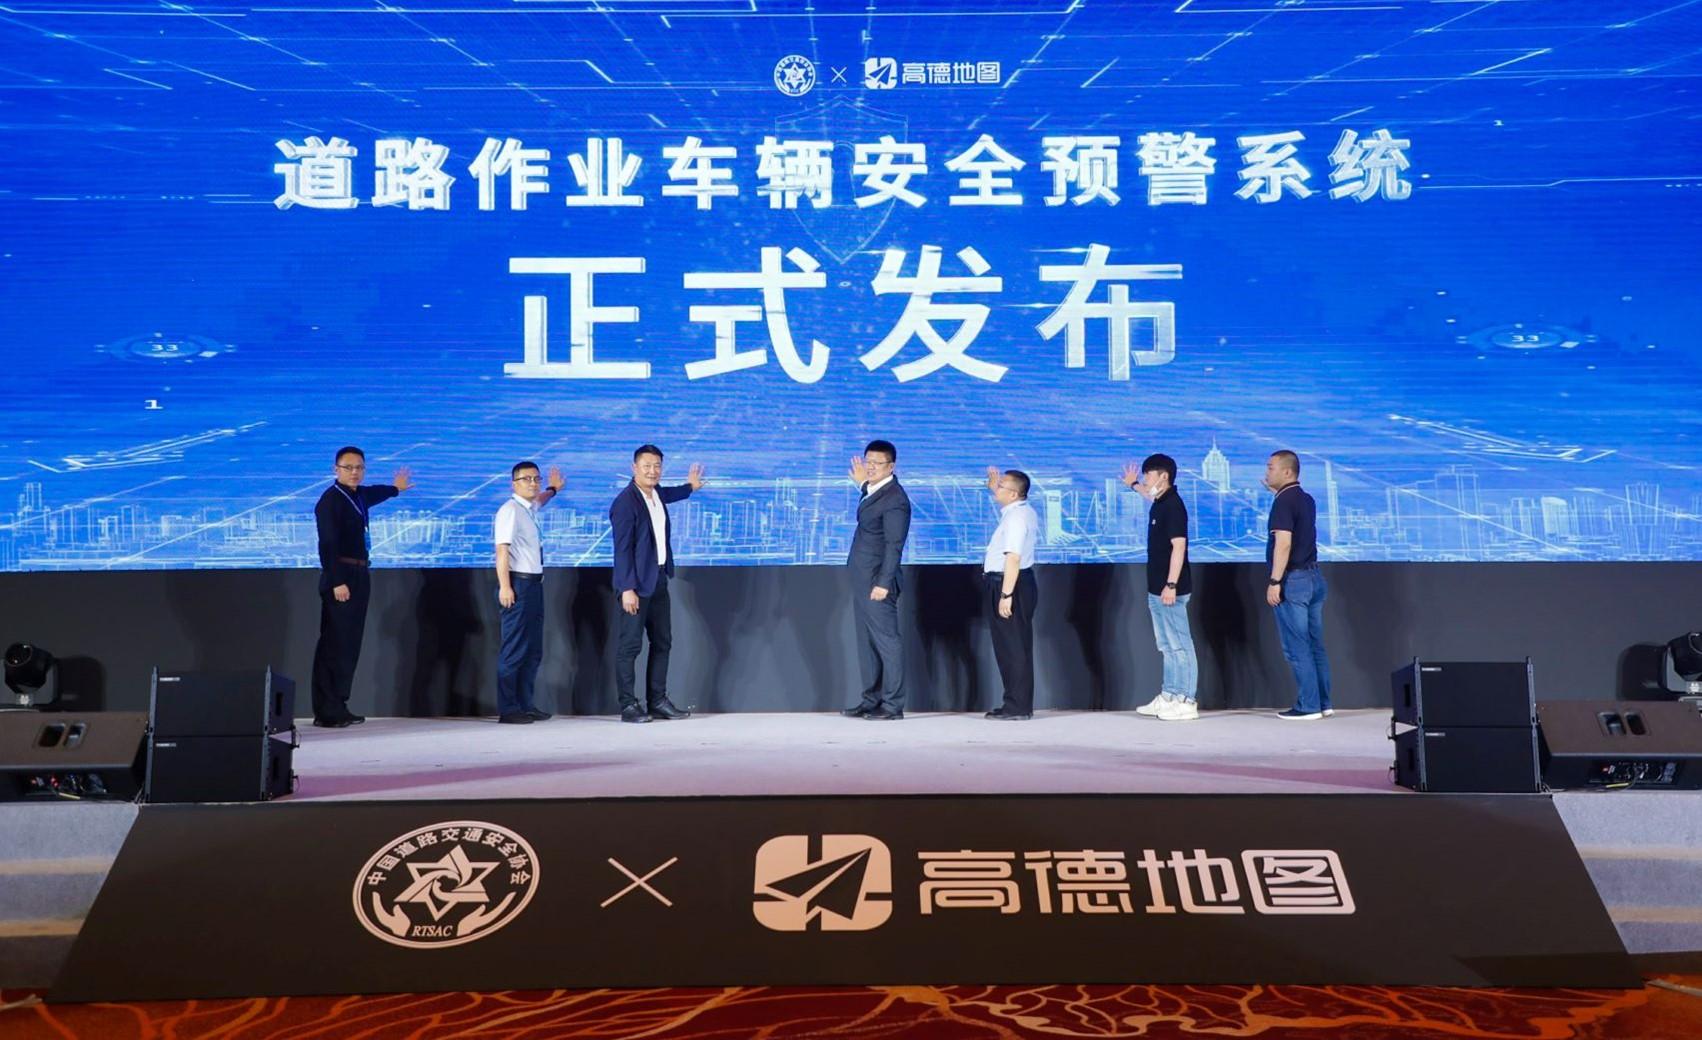 住房公积金管理中心高德地图推出道路作业车辆安全预警系统 首批落地沪宁、兰海高速